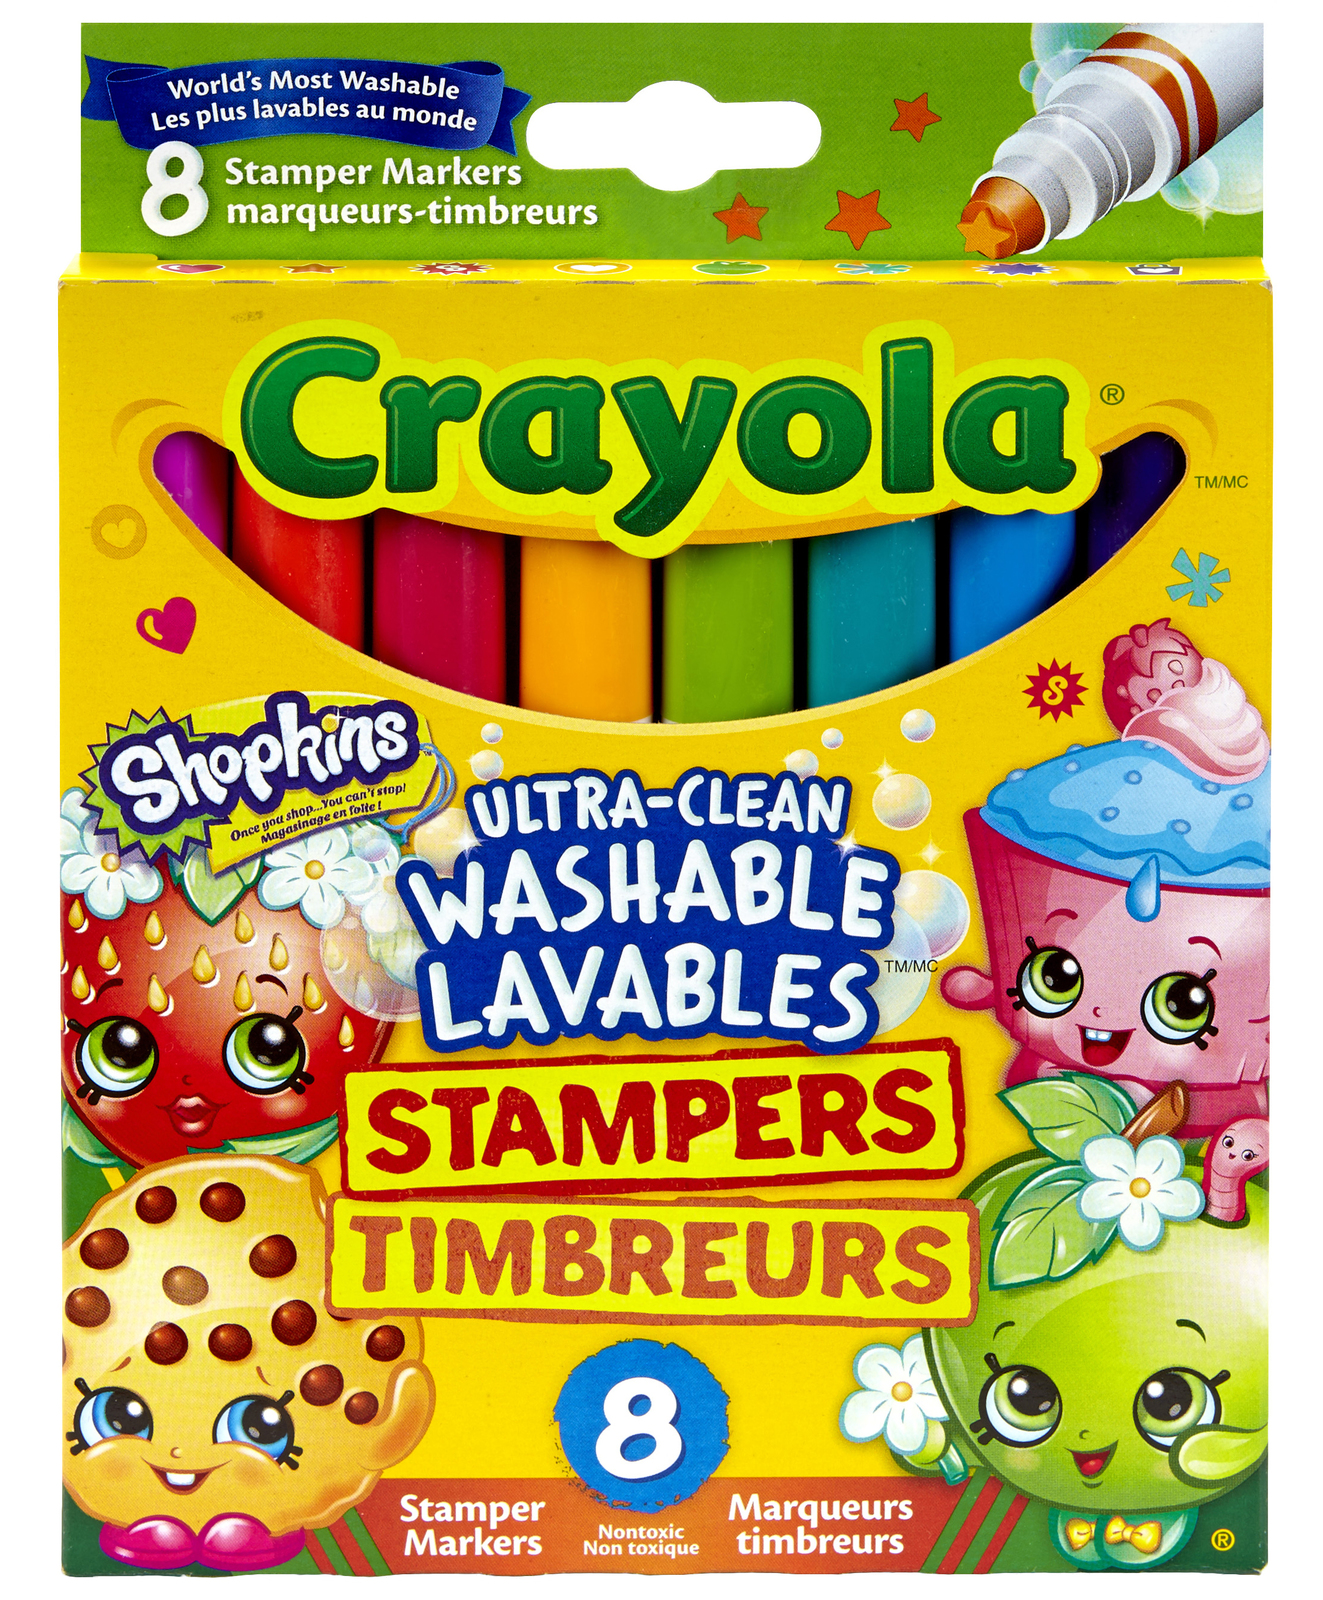 Crayola: Shopkins Stamp Marker - 8 Pack image